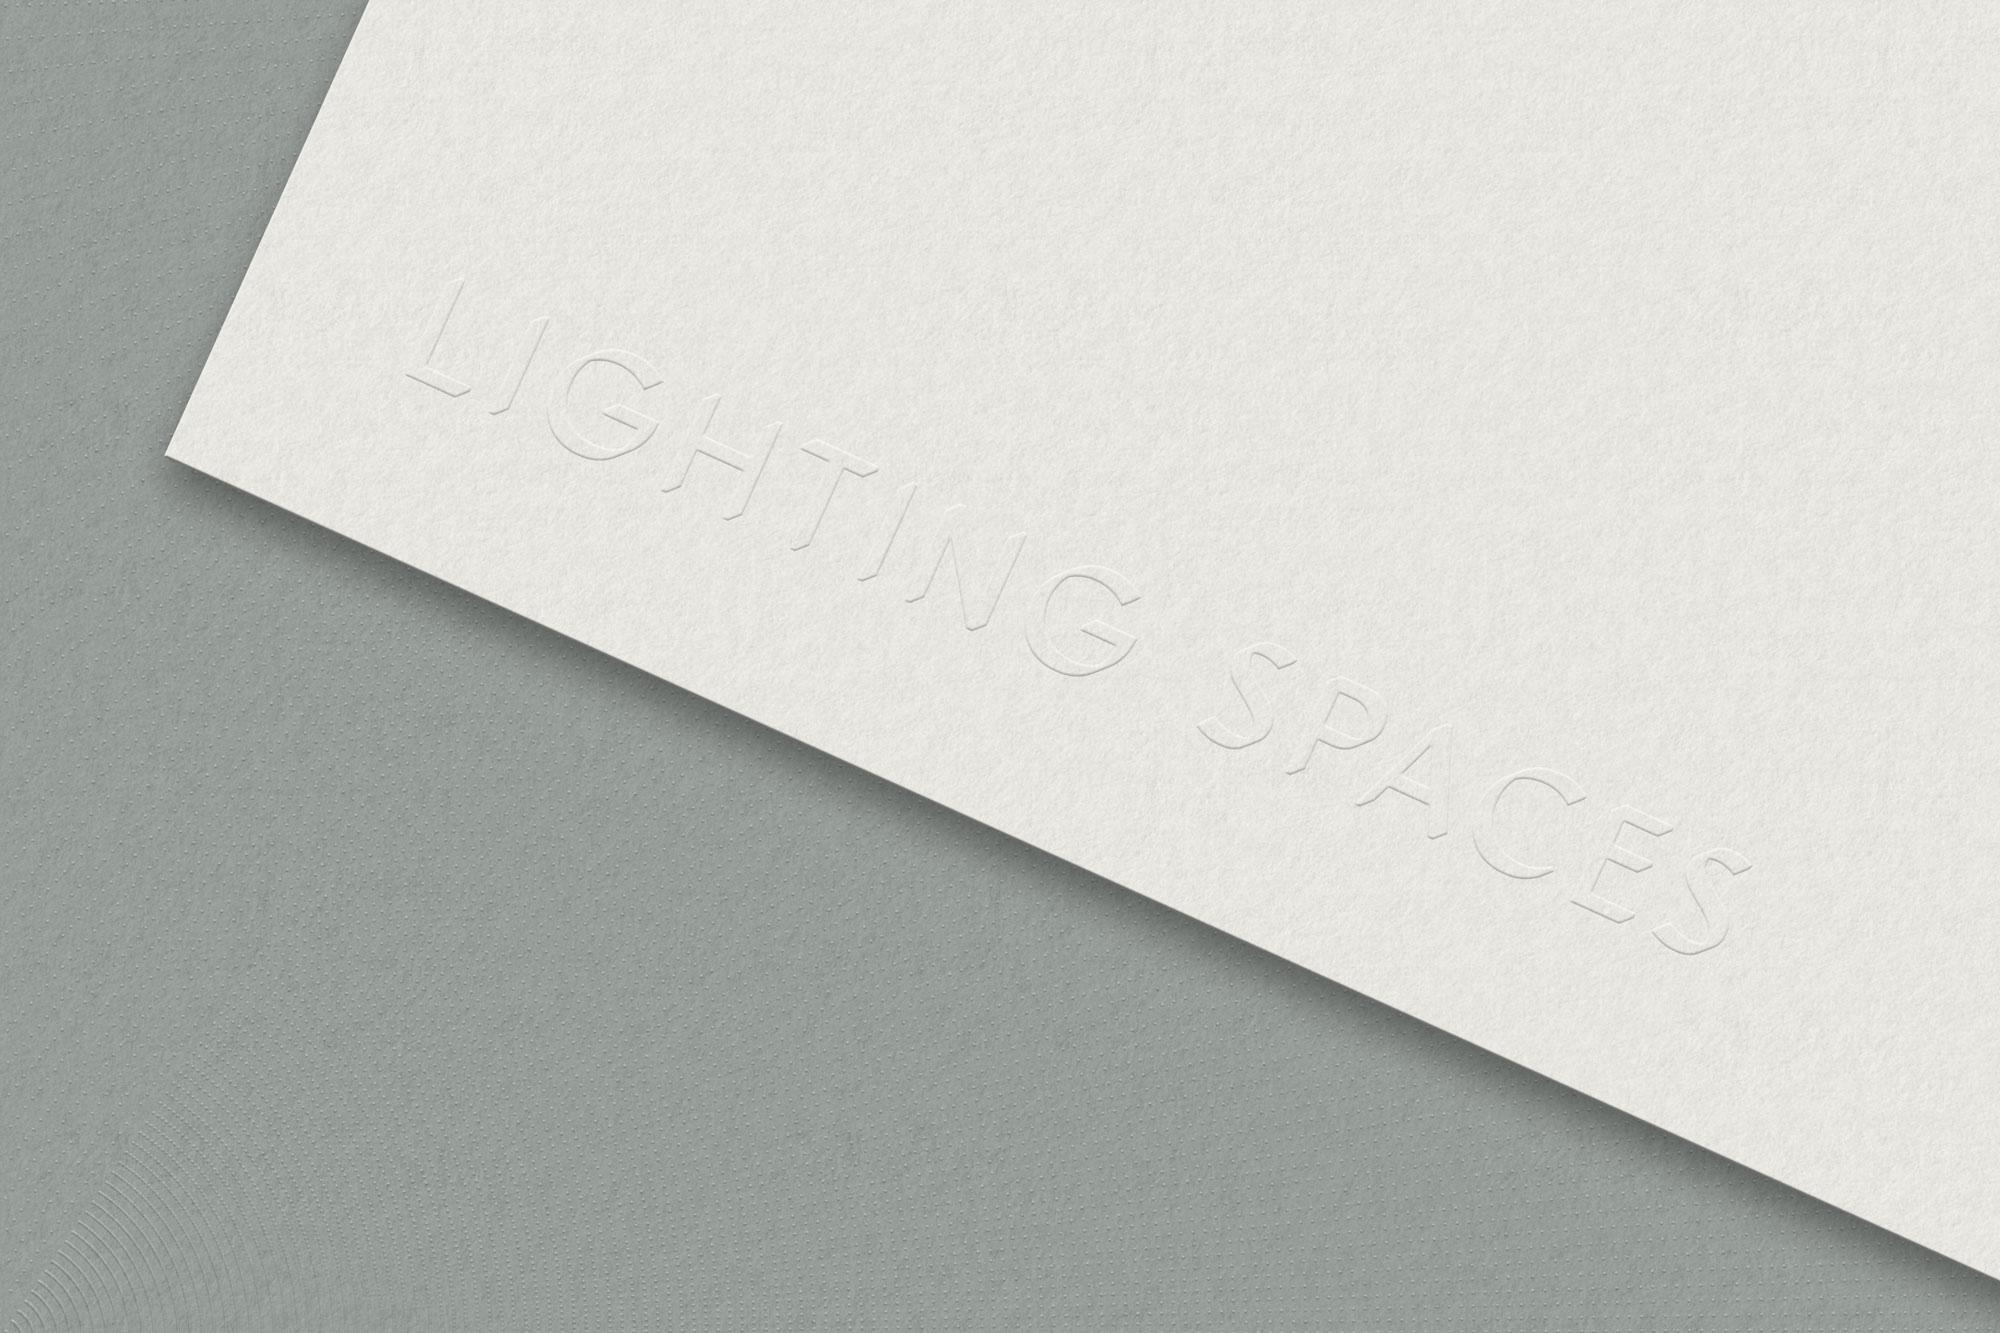 LS_Emboss-light.jpg